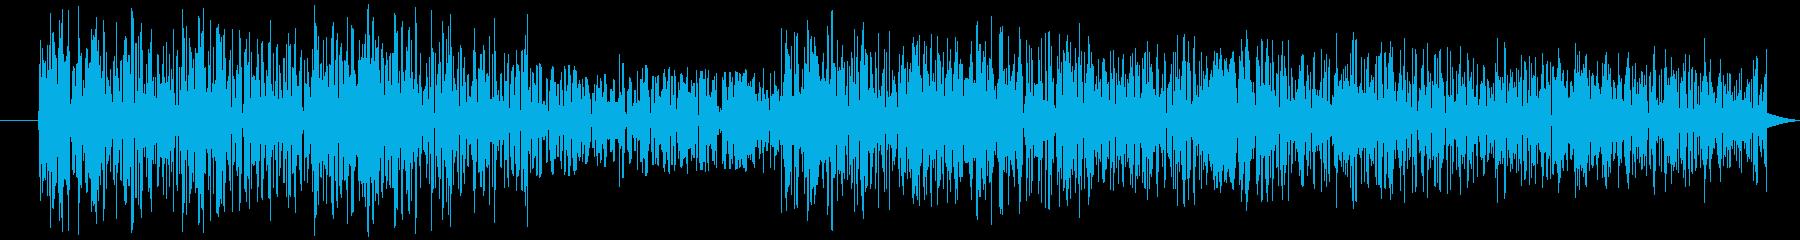 攻撃・命中・ズババッ・ファミコン風1の再生済みの波形